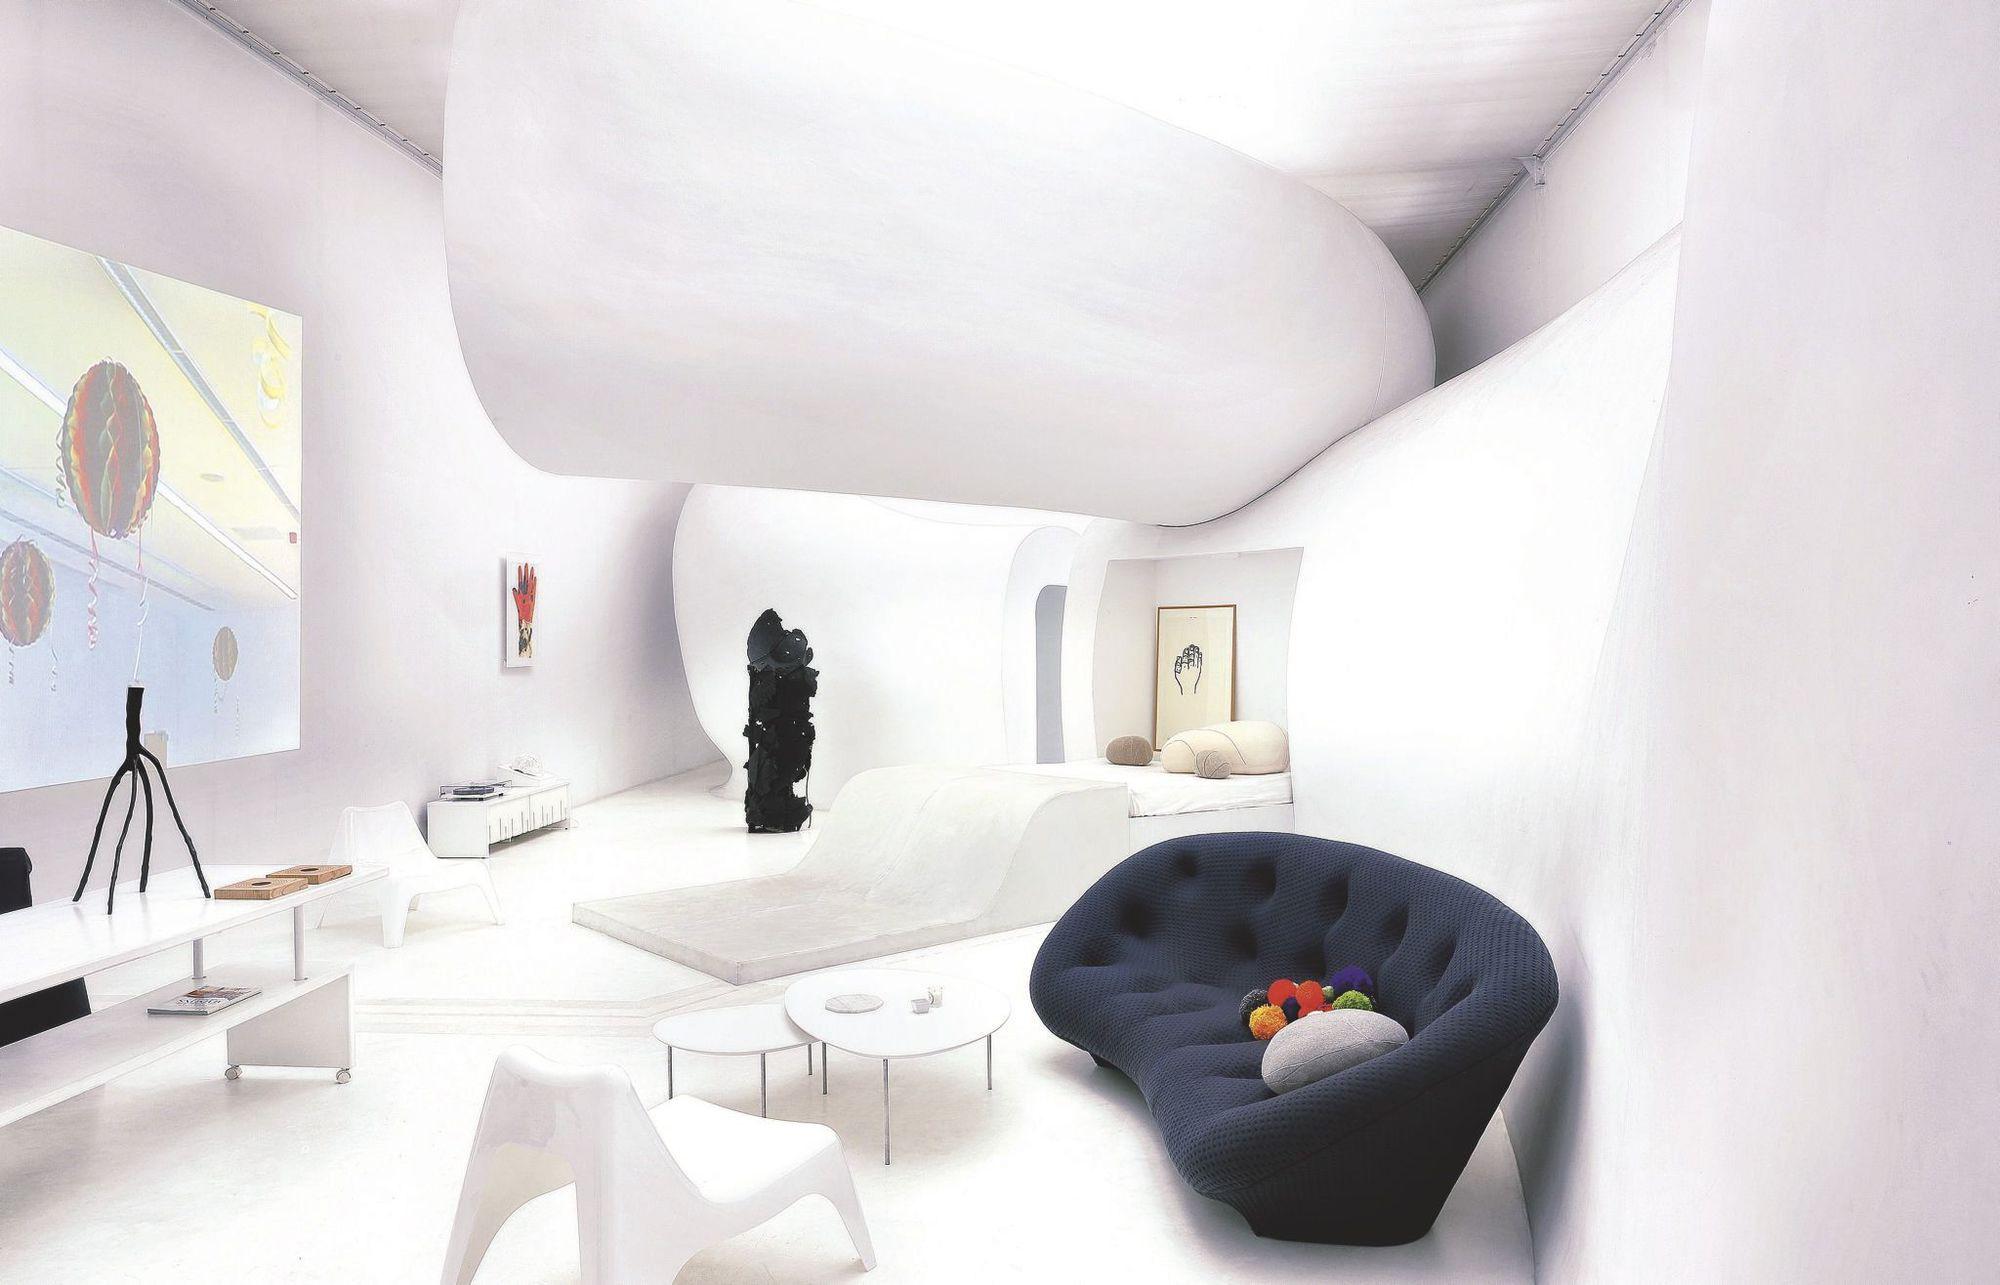 plus beaux lofts : François Roche, Le snake vue du salon